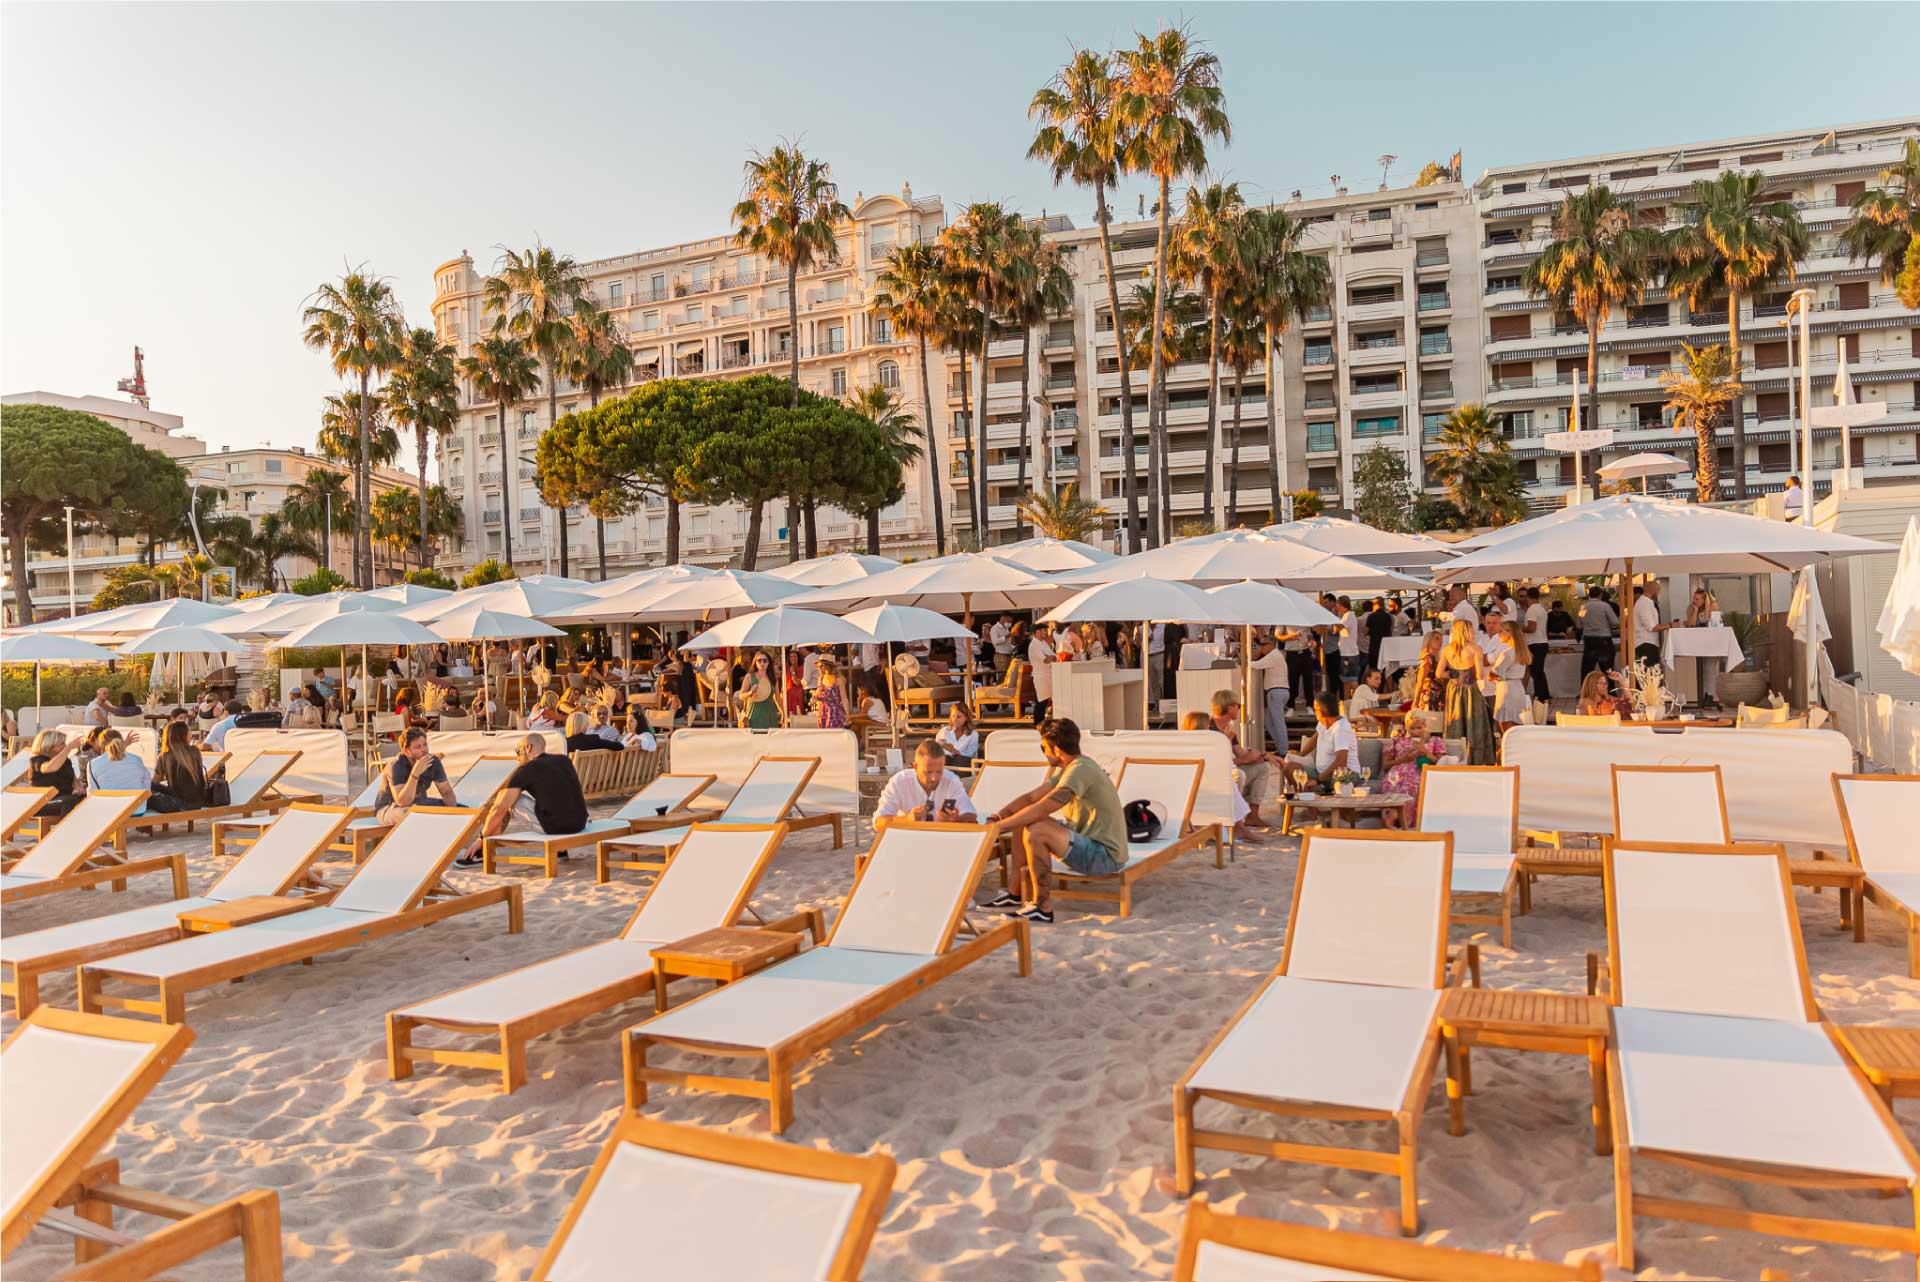 Miramar-plage-restaurant-gastronomique-cannes-entreprise-4